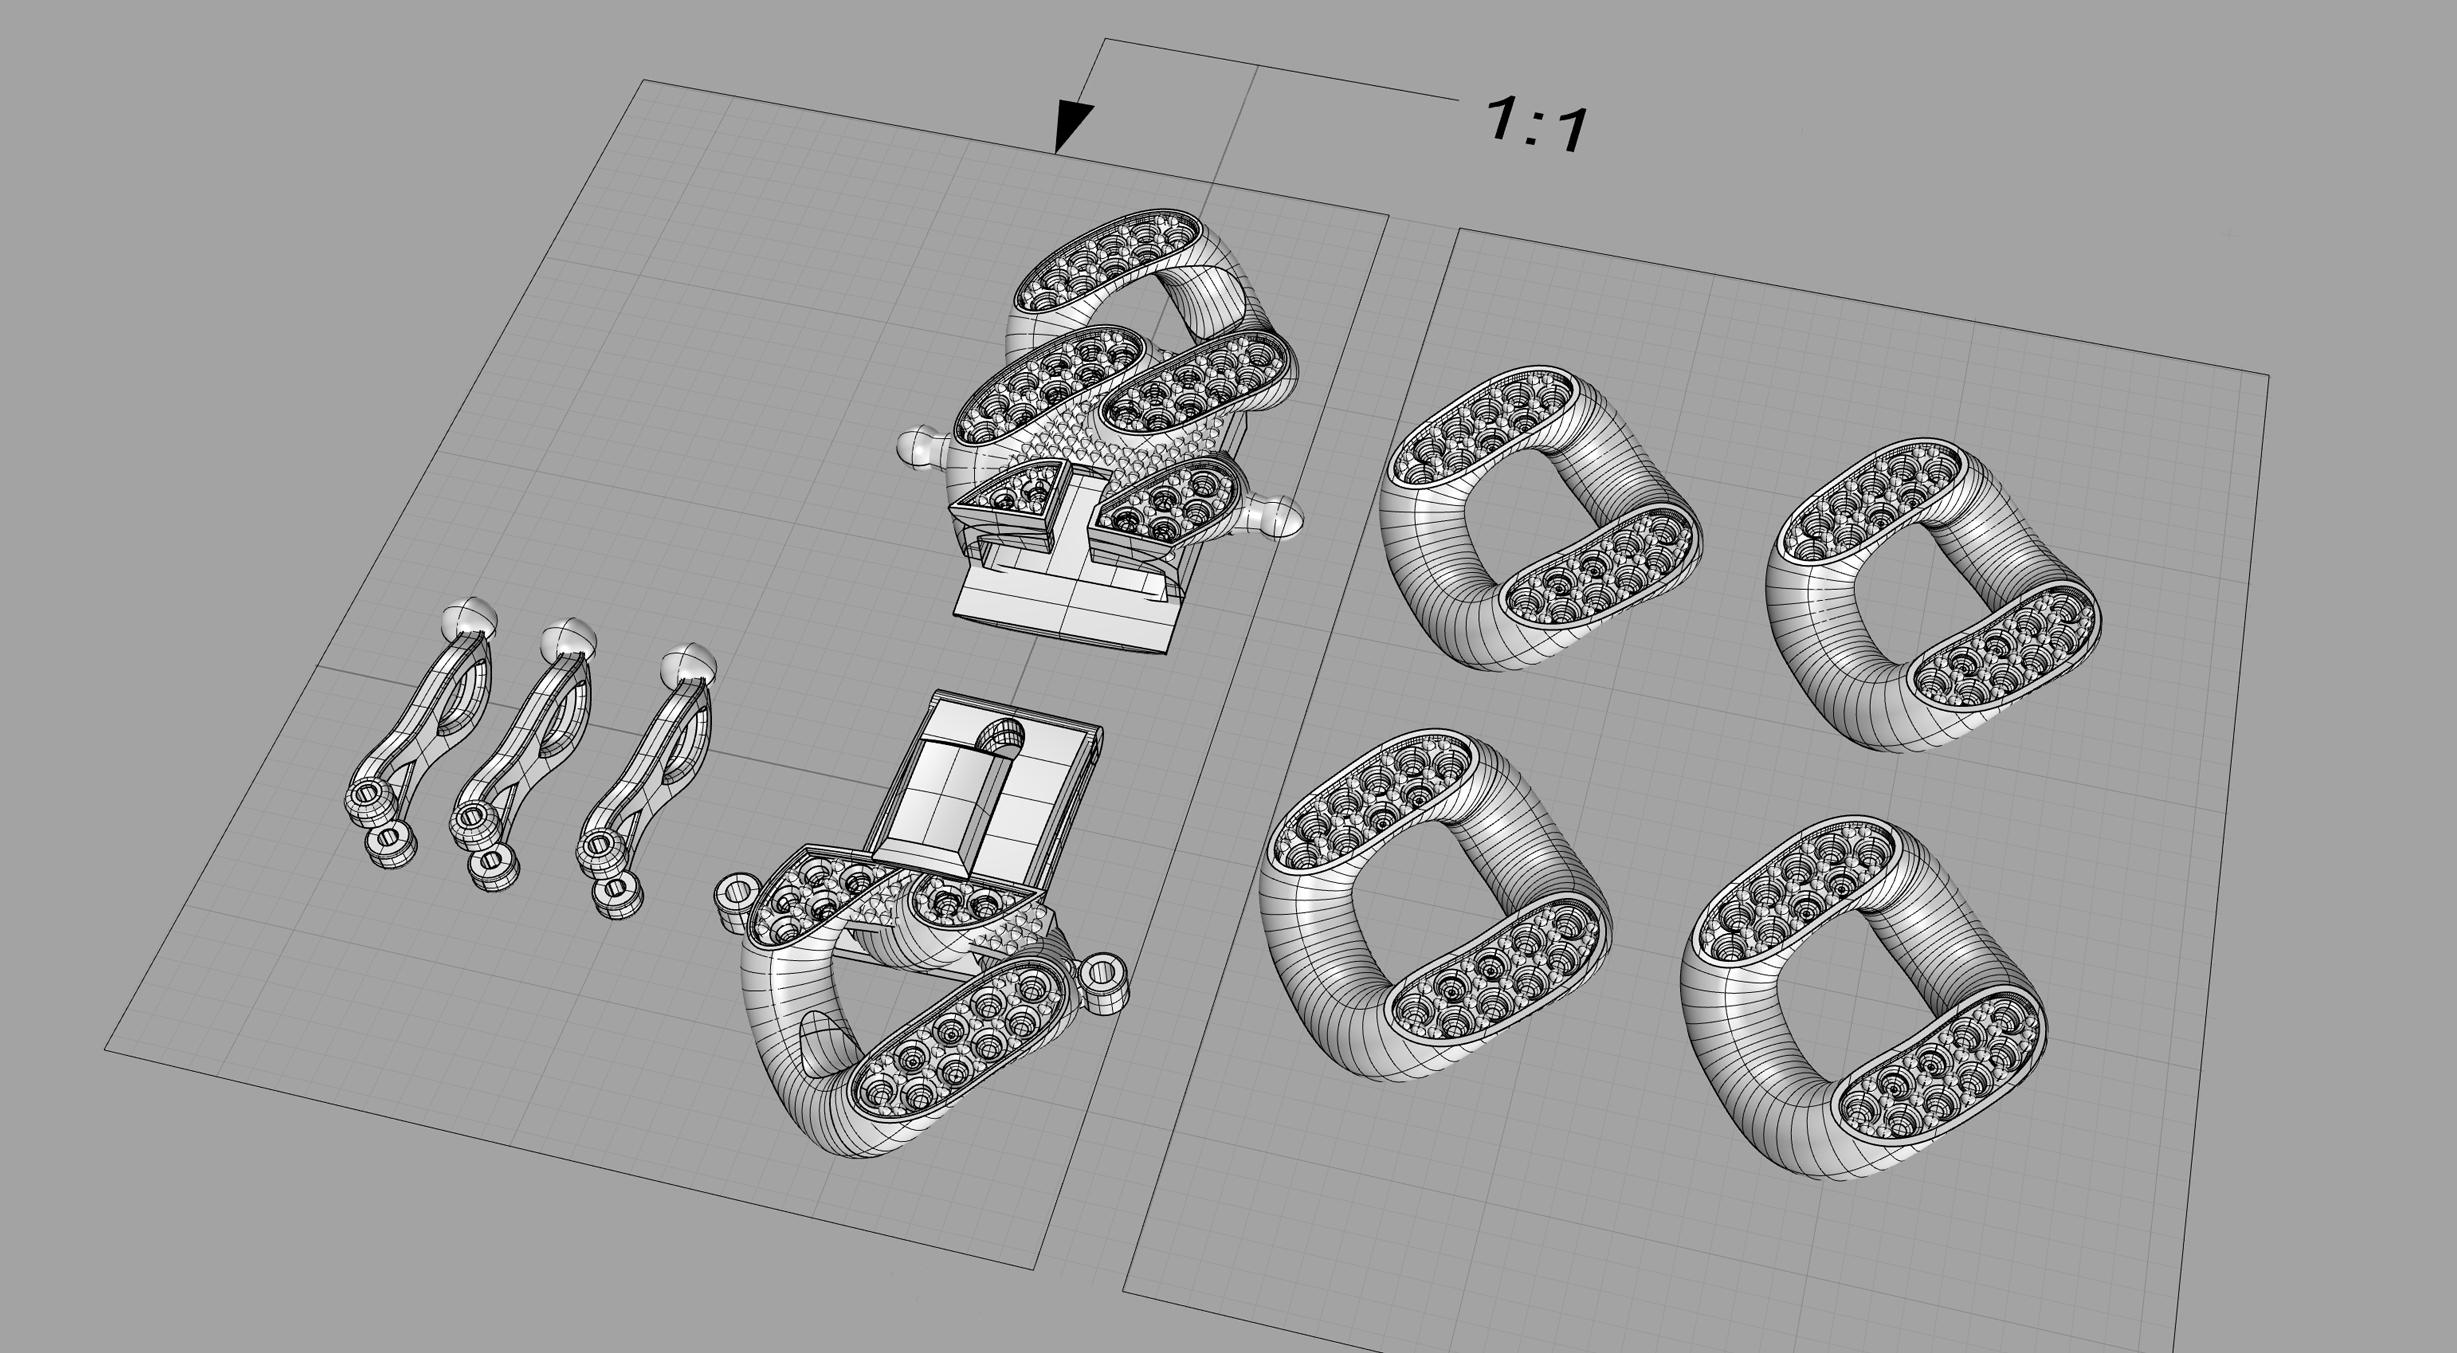 3D Rendering of Design